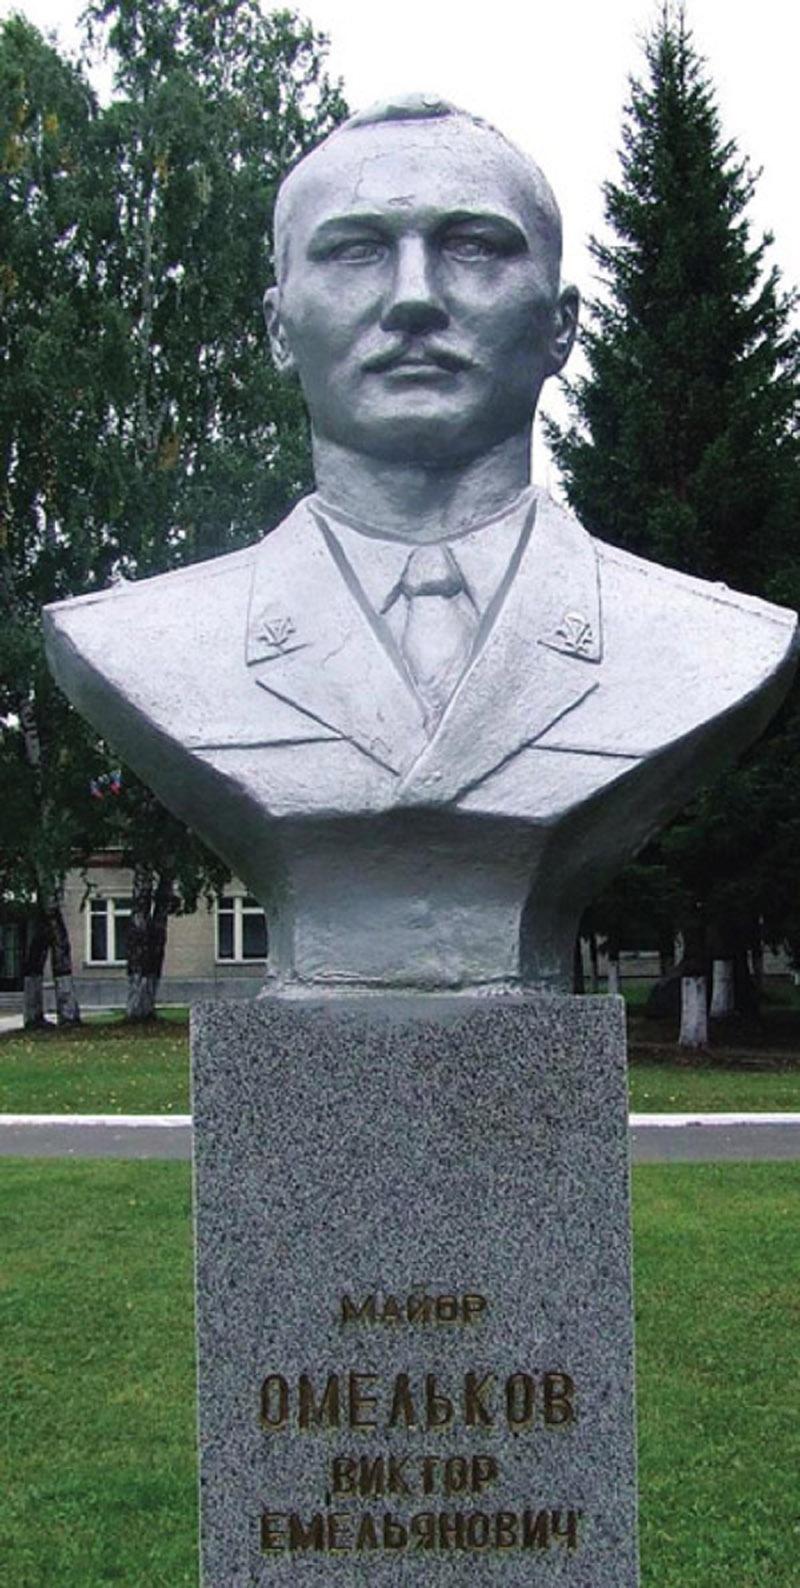 На мемориале Героям-выпускникам Новосибирского военного общевойскового командного училища установлен бюст Герою Российской Федерации Виктору Емельяновичу Омелькову.